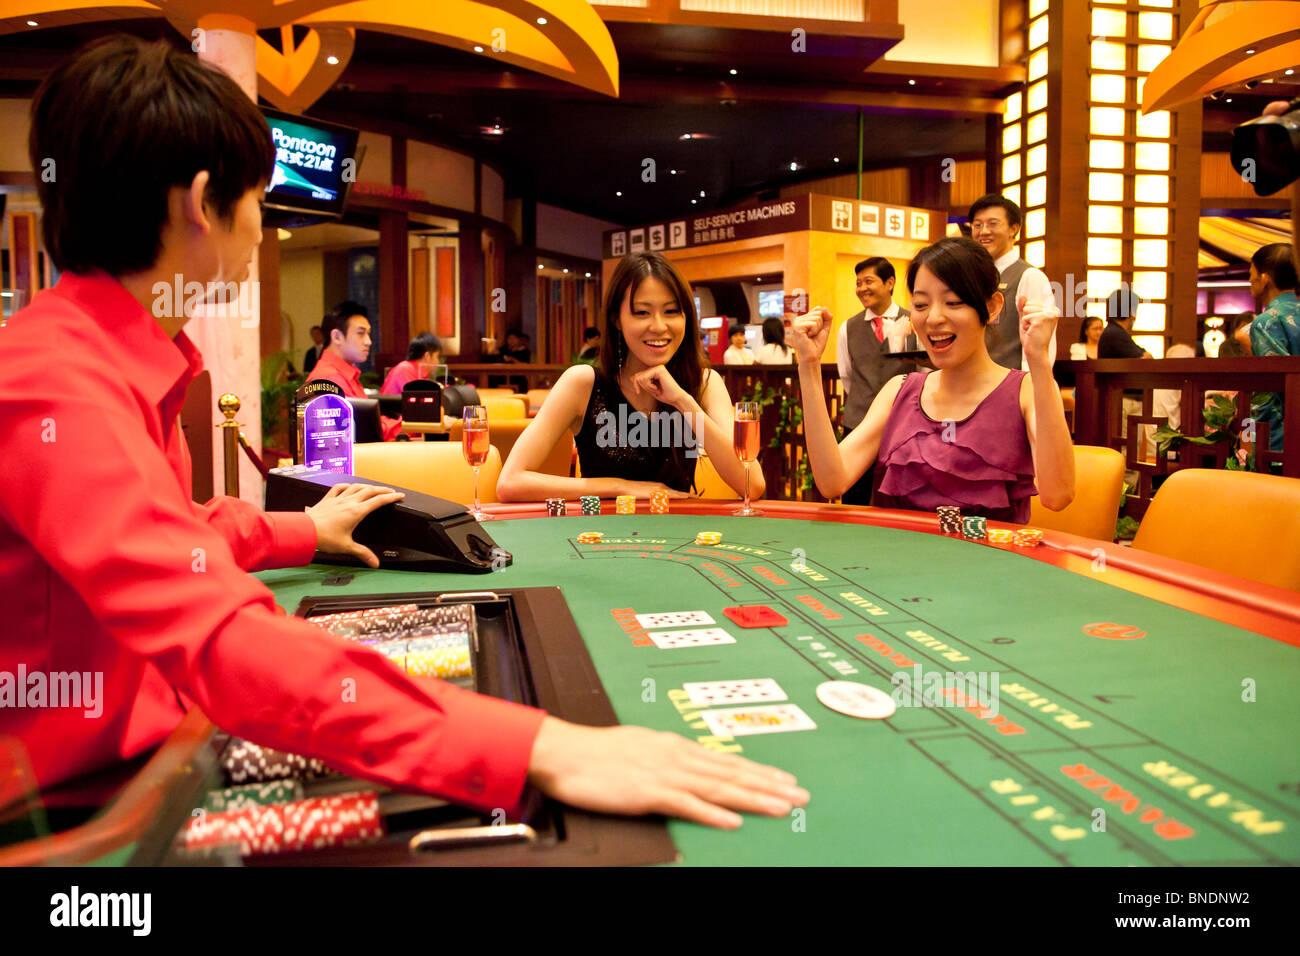 Техасский покер в казино на сентозе легальные игровые автоматы в алматы